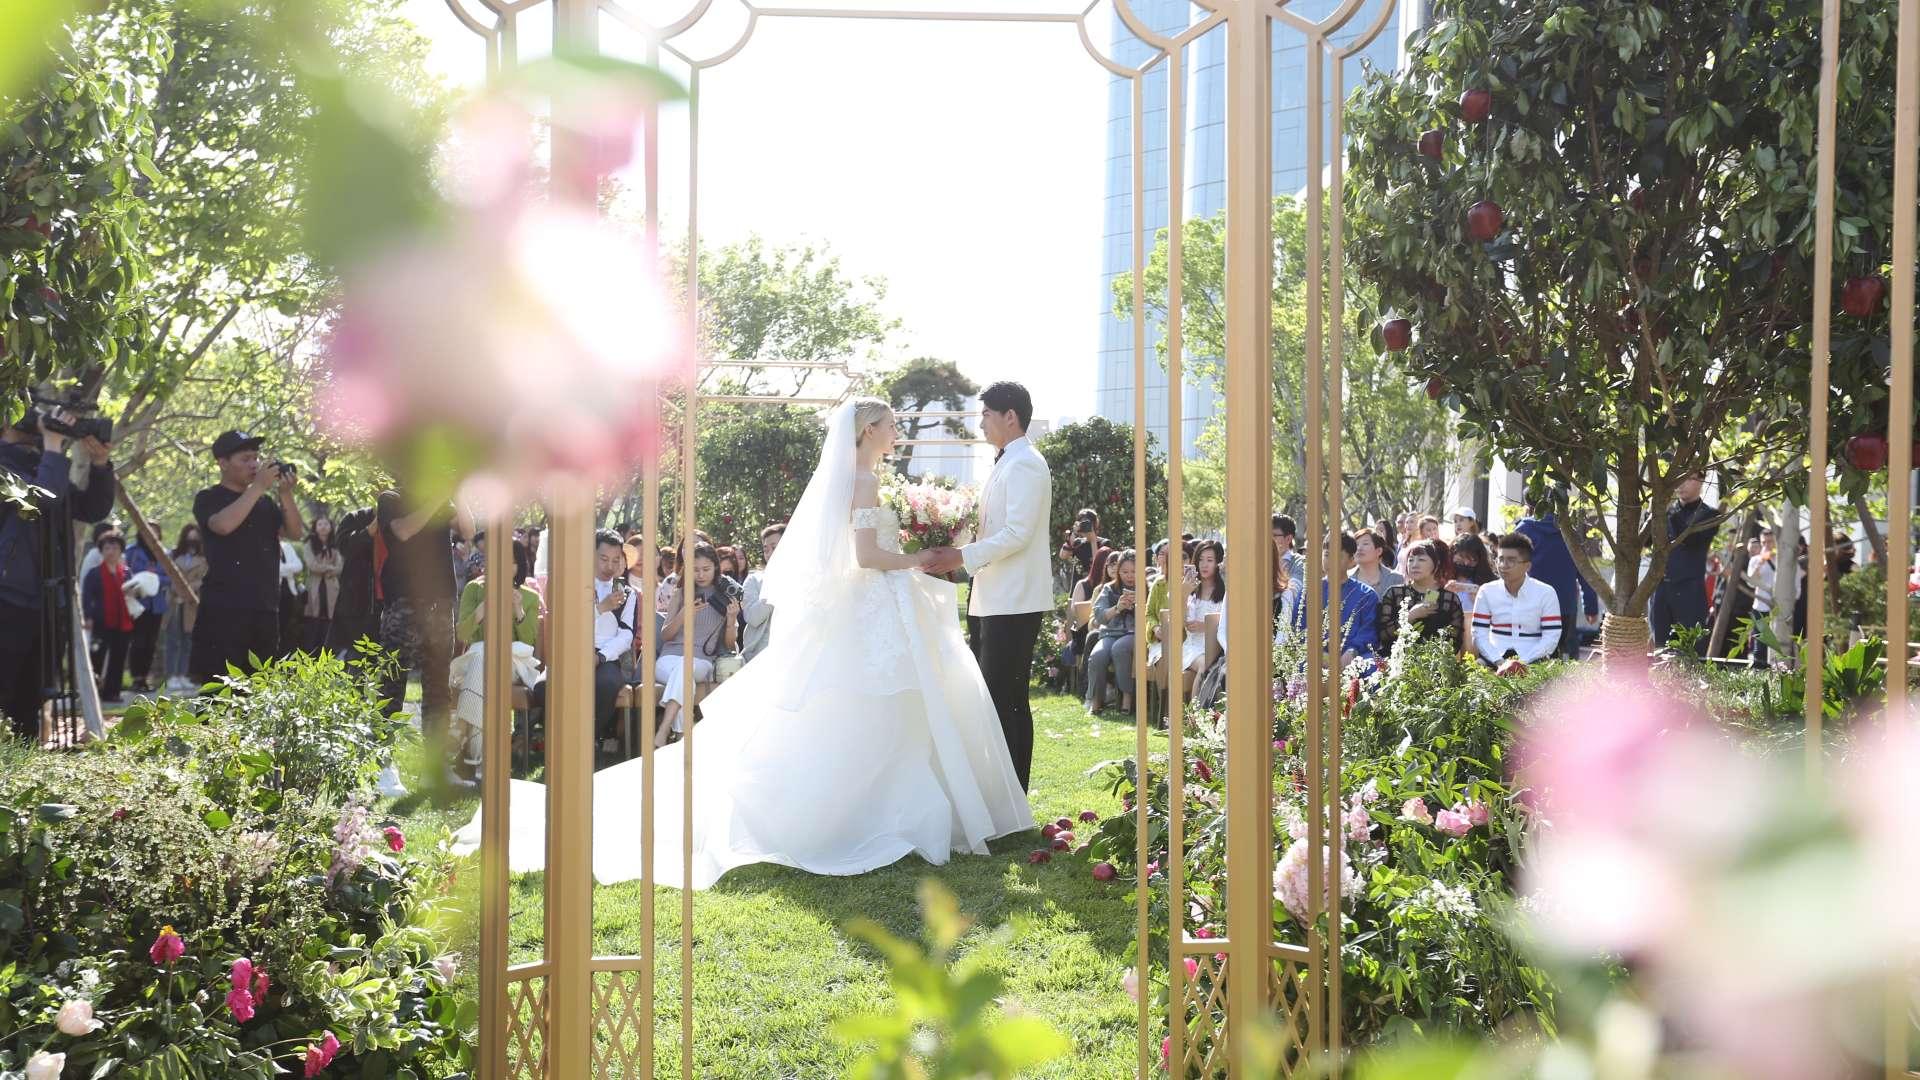 Romantic Wedding Fair at Bvlgari Garden | Bvlgari Hotel Beijing